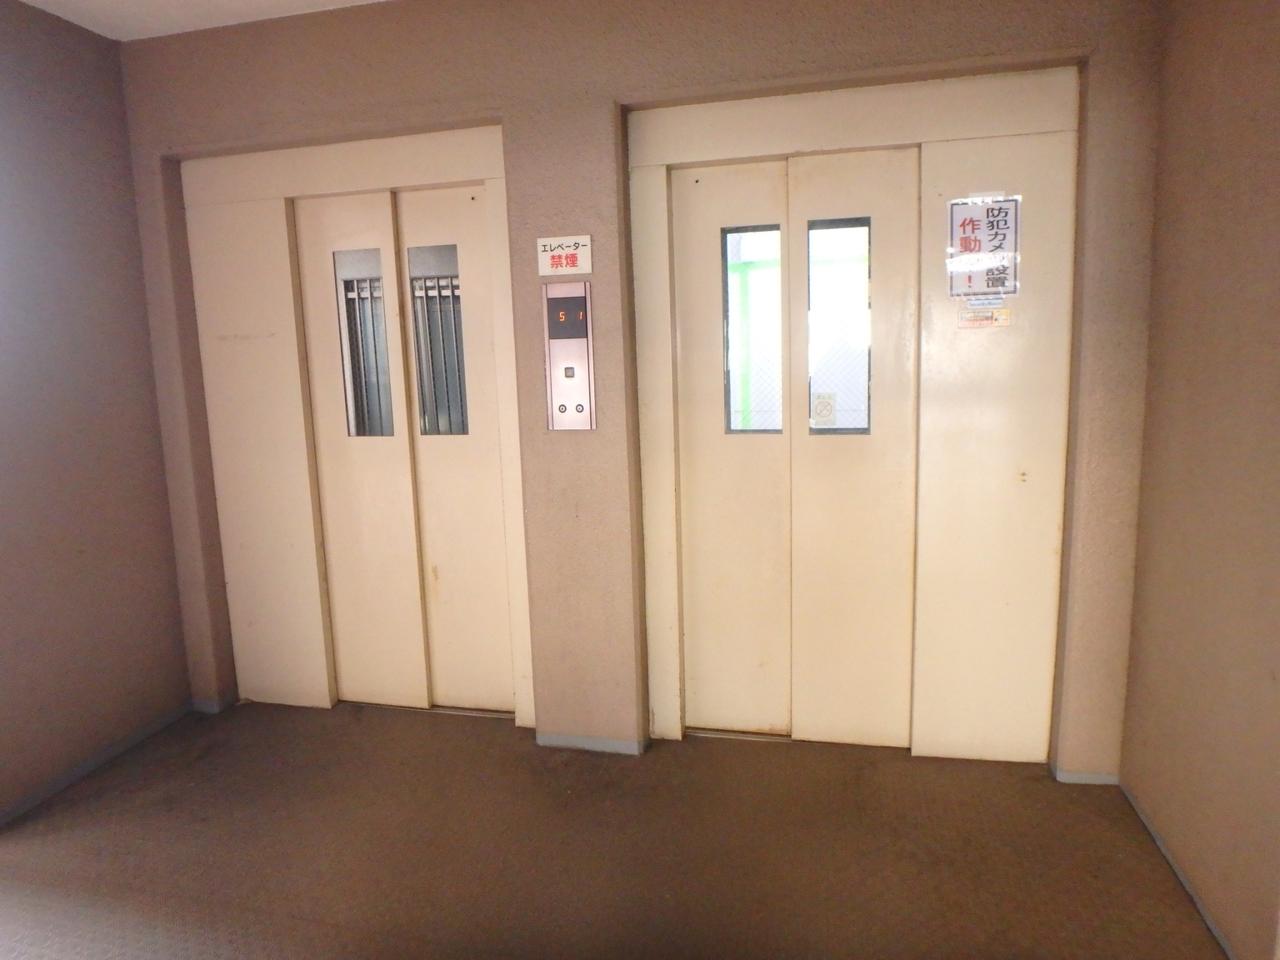 エレベーターは2基設置してあります。